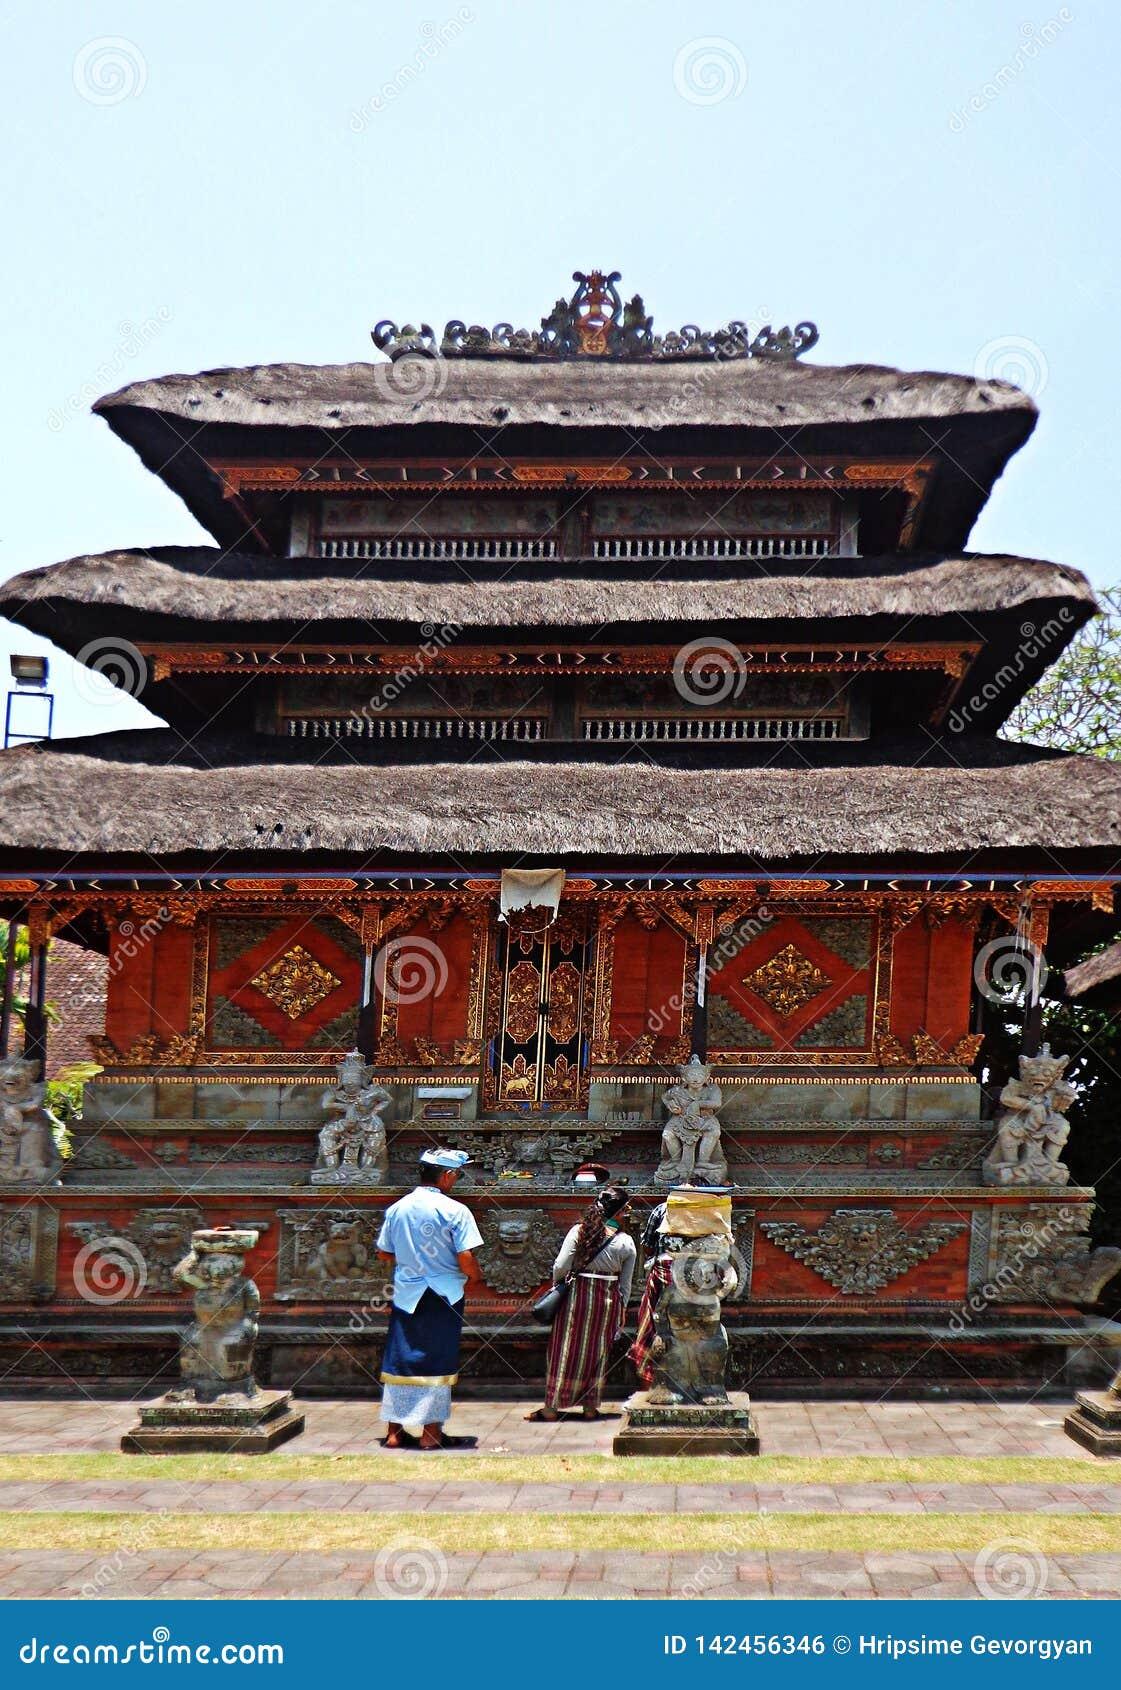 Ethnisches Bali-Gebäude